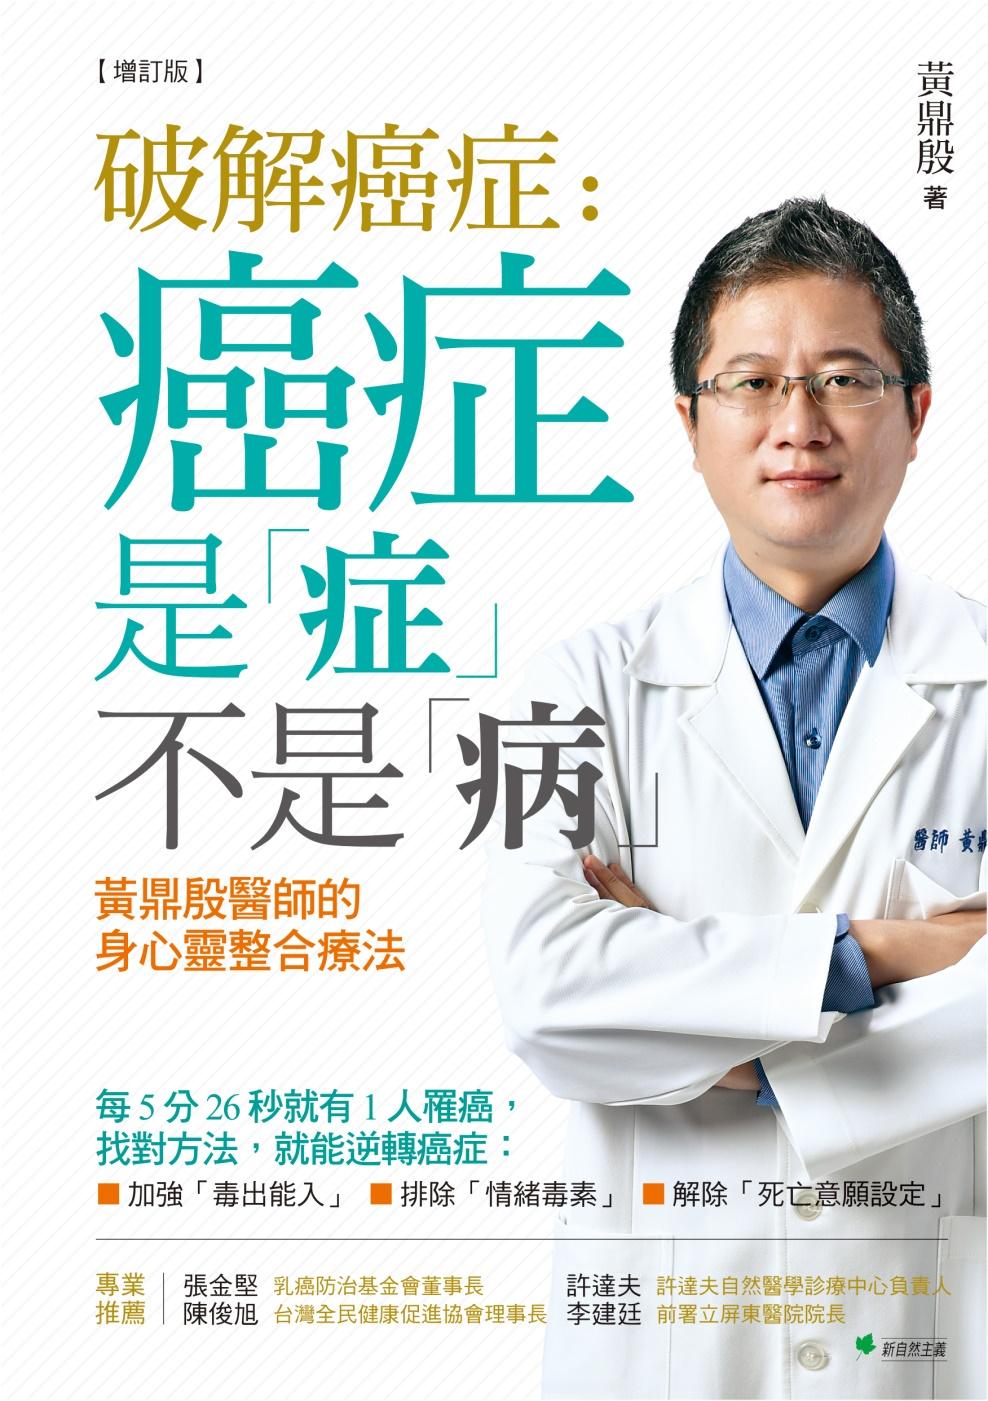 破解癌症:癌症是「症」不是「病」黃鼎殷醫師的身心靈整合療法【增訂版】(四版)